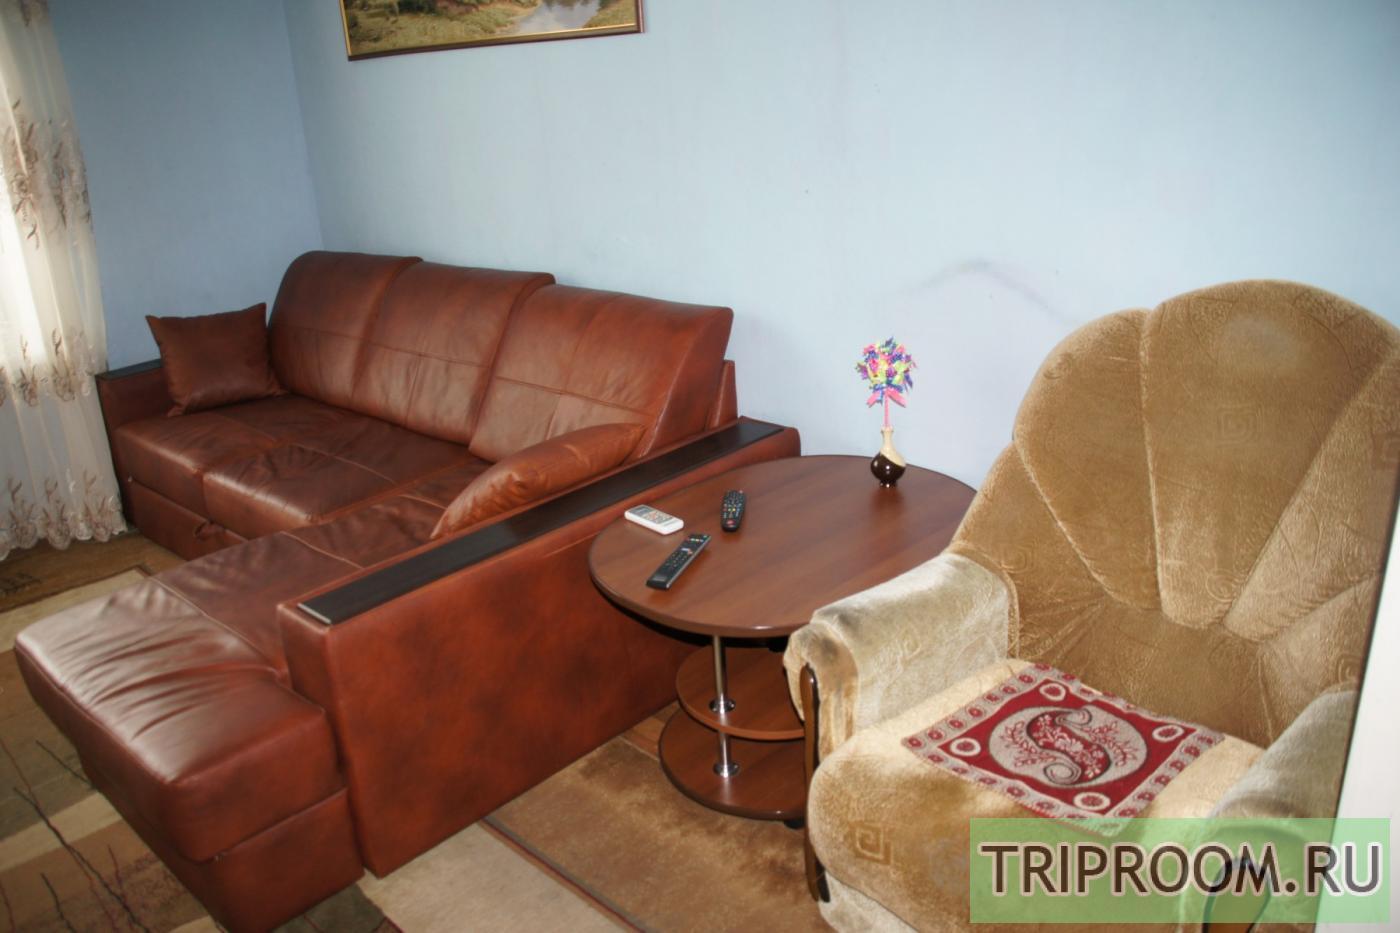 2-комнатная квартира посуточно (вариант № 20151), ул. Комсомольская улица, фото № 3